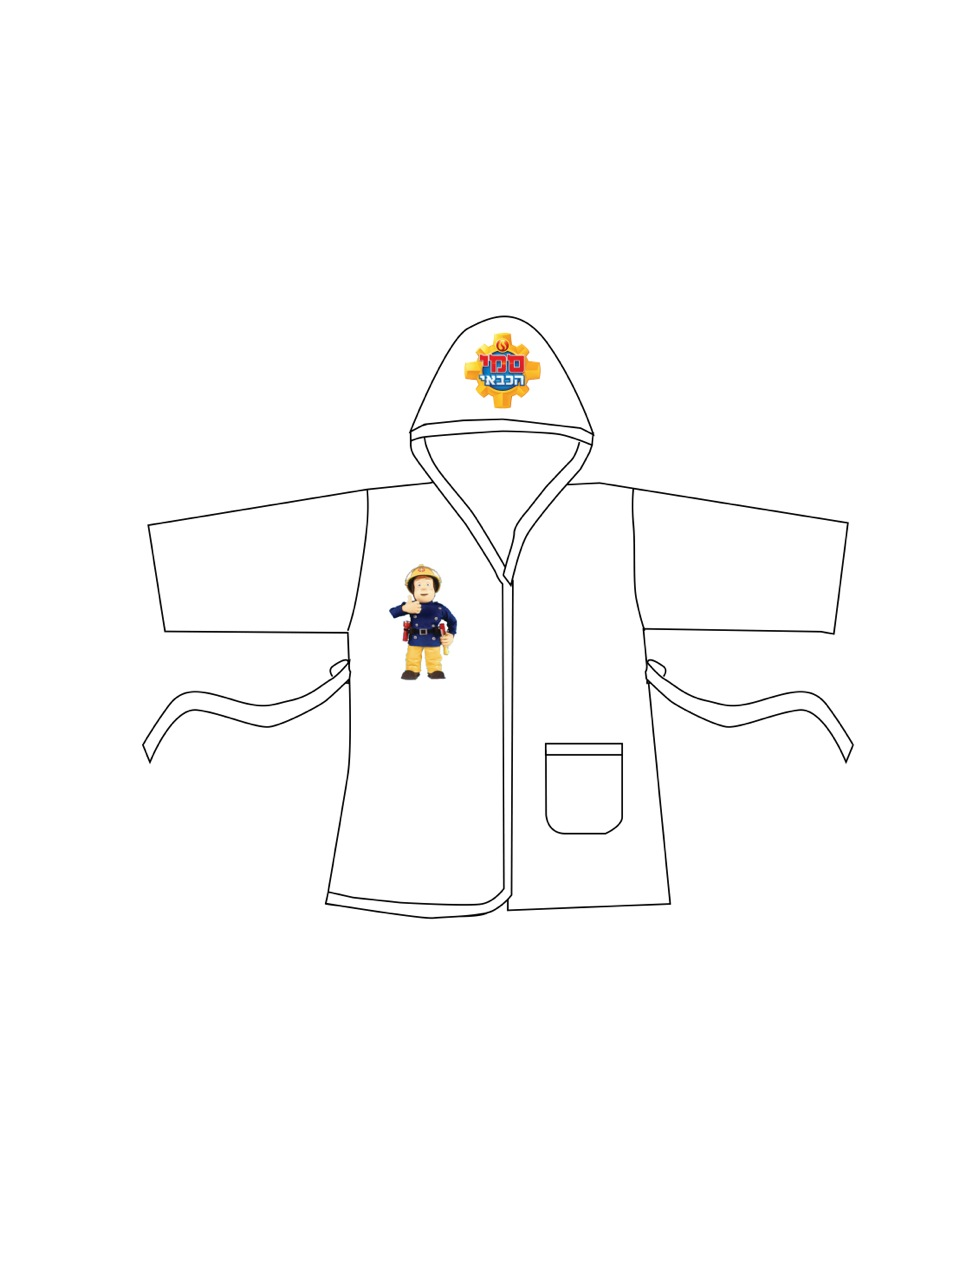 חלוק מגבת לילדים - מותג סמי הכבאי 5-6